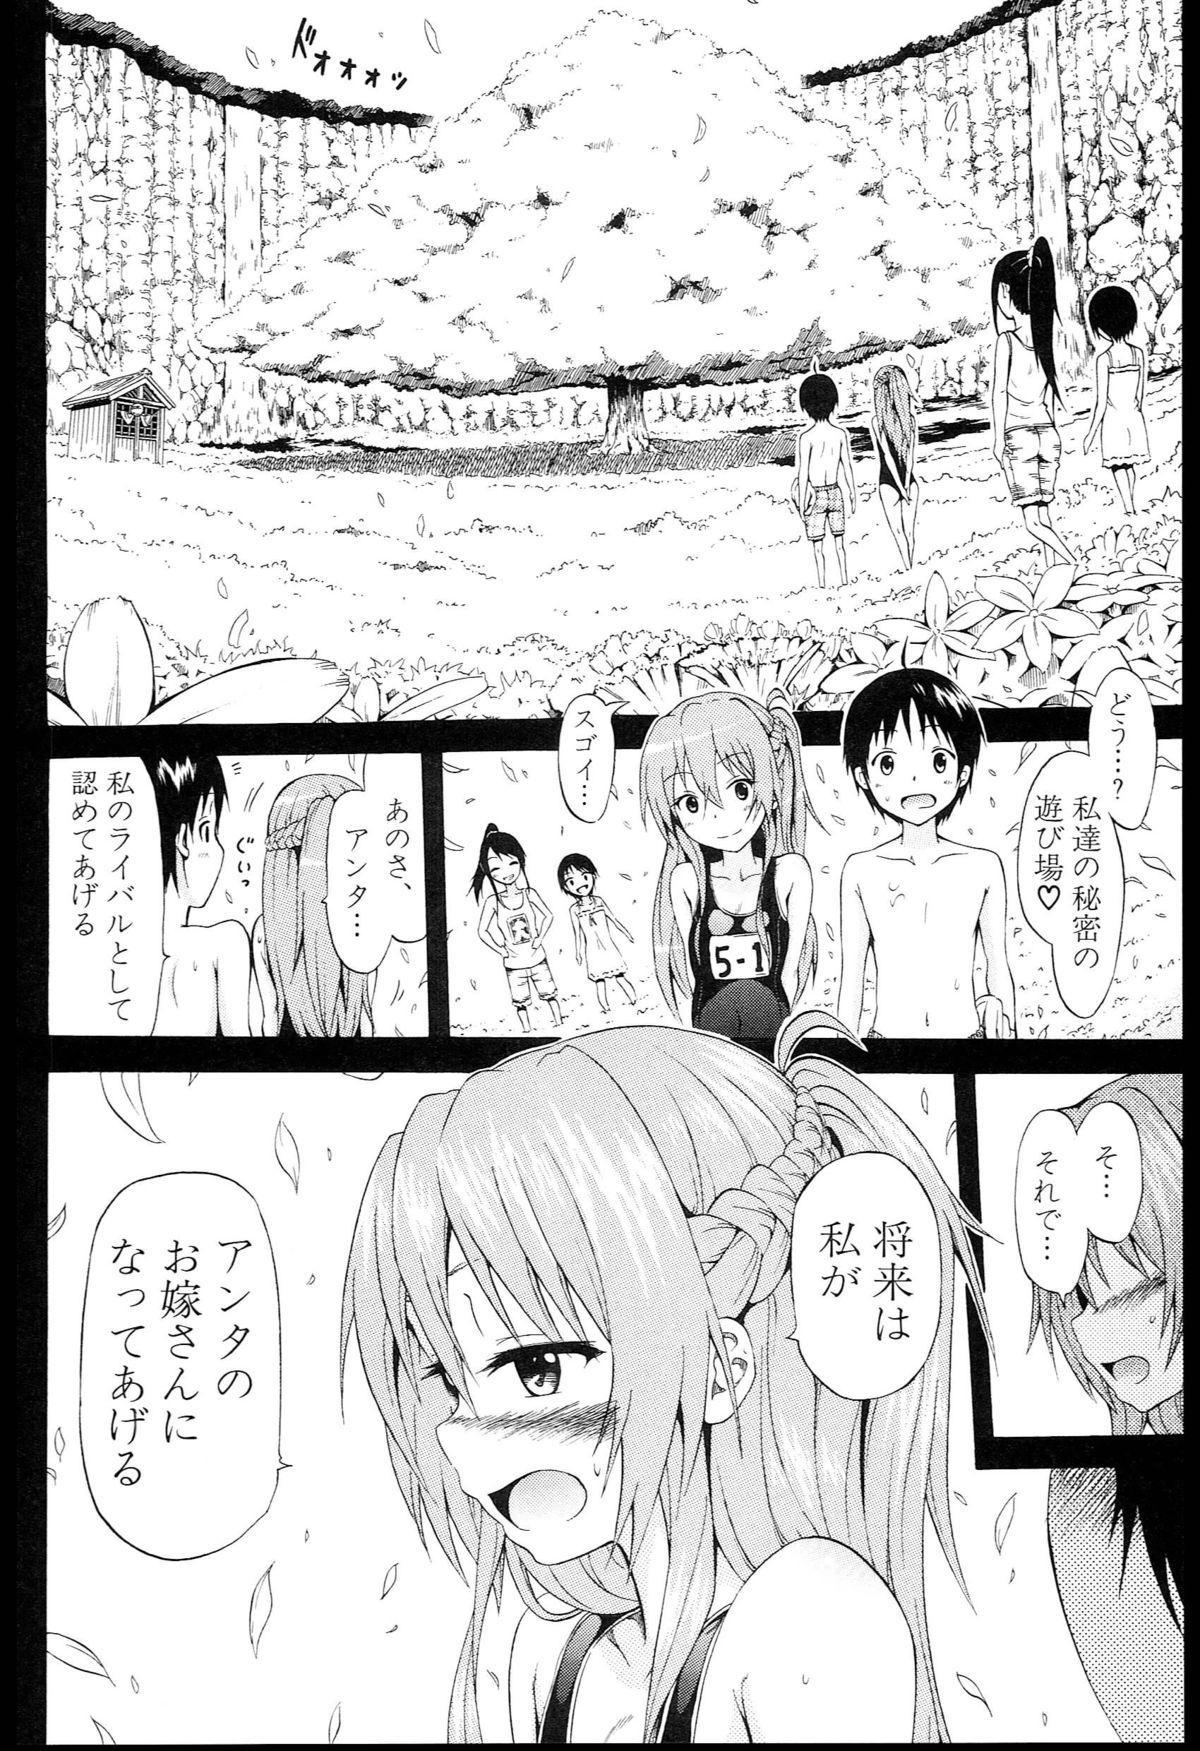 Natsumitsu x Harem + Melonbooks Gentei Shousasshi 142